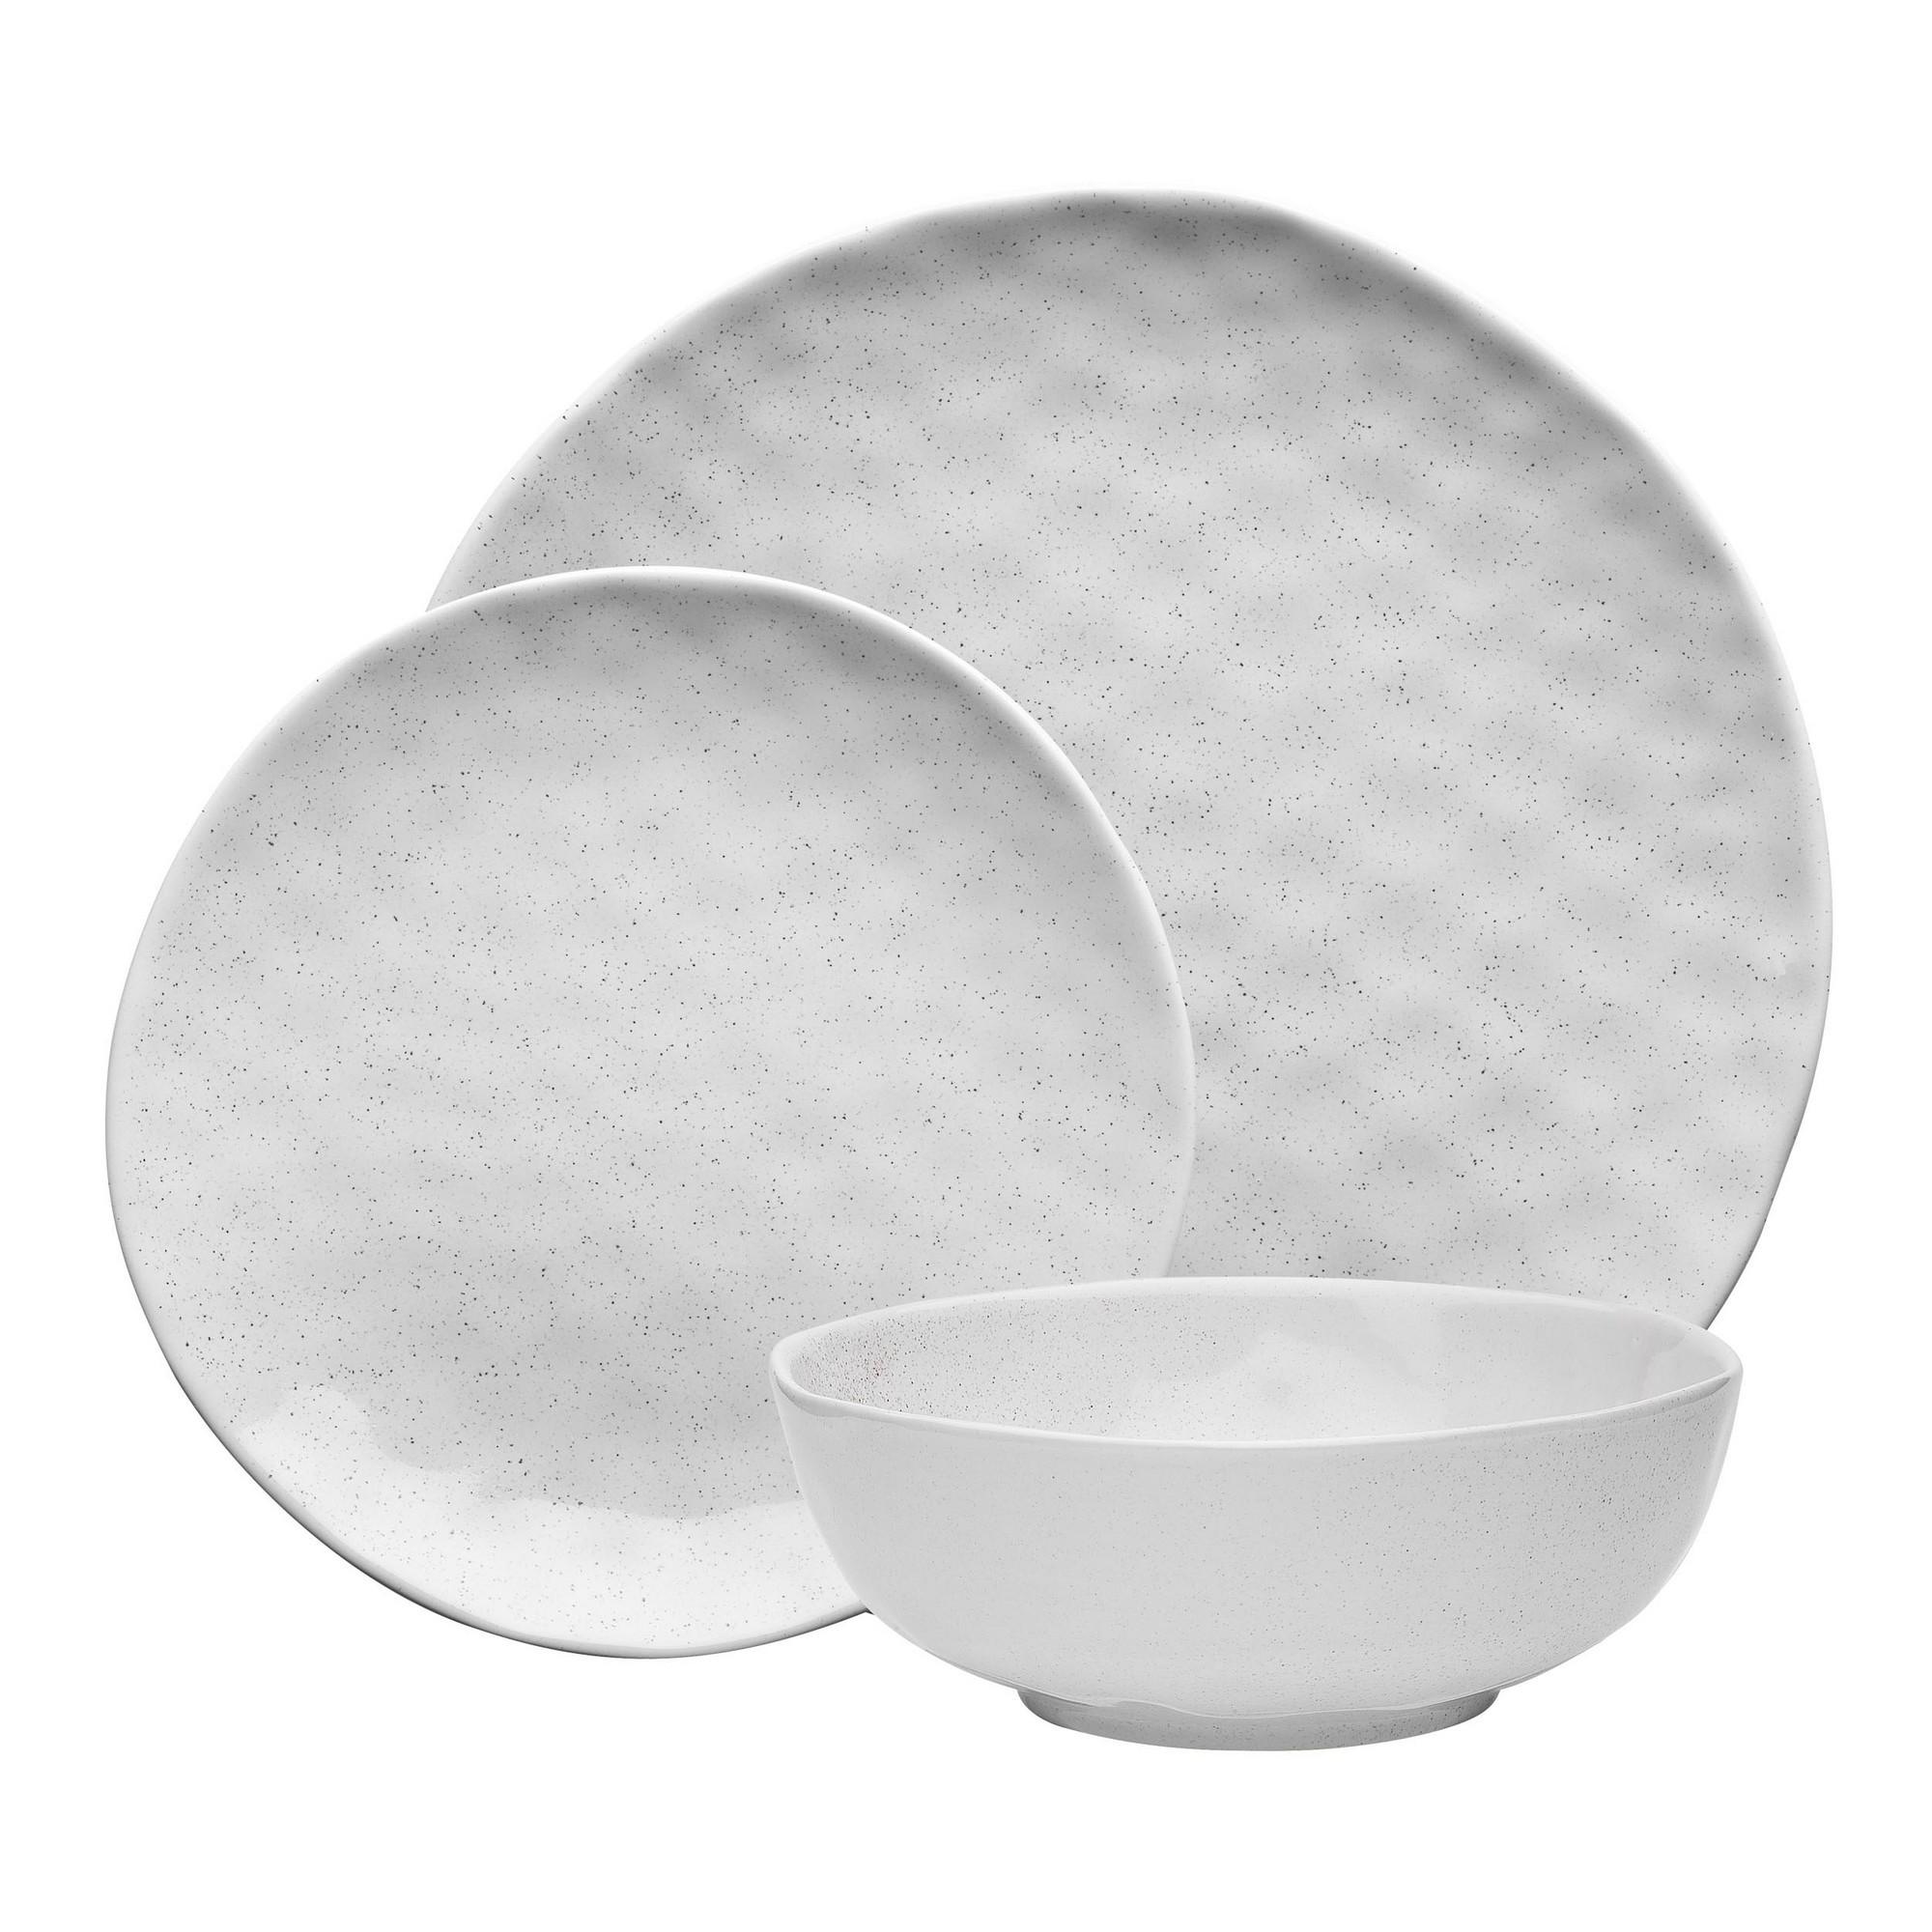 Ecology Speckle 12 Piece Stoneware Dinner Set, Milk